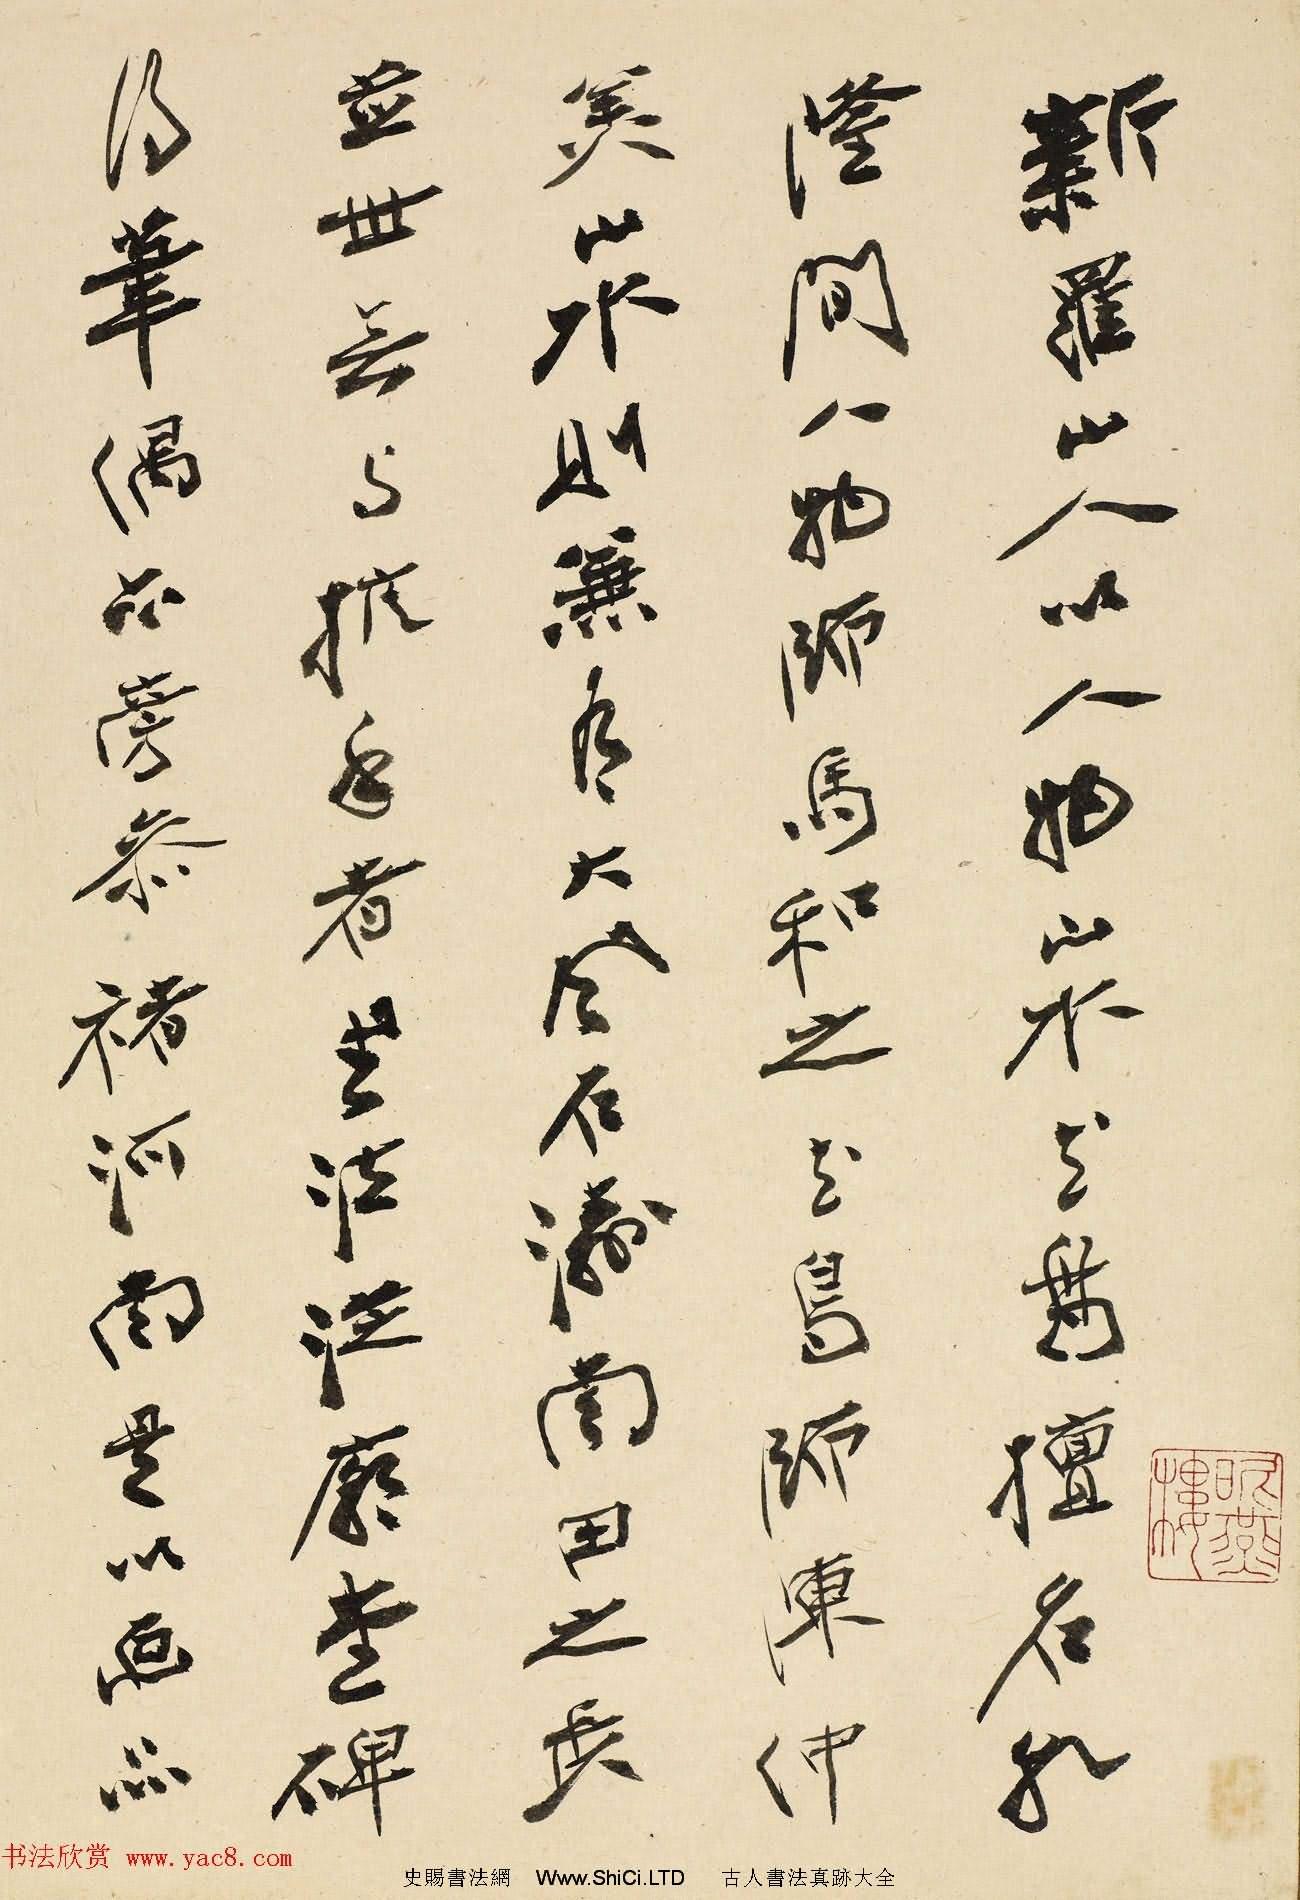 張大千書法題跋作品真跡兩幅(共4張圖片)